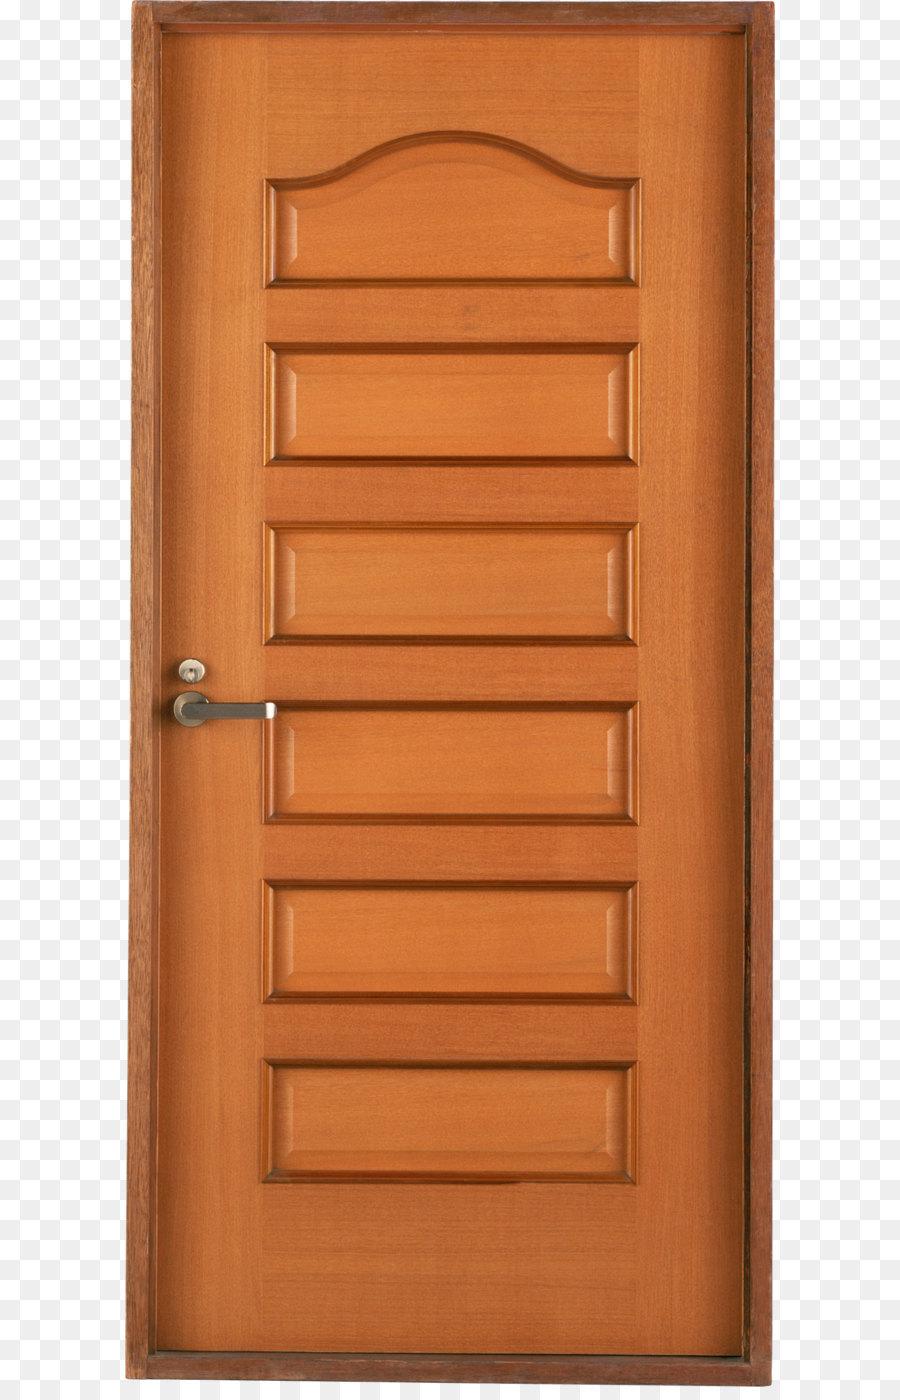 Door County Wisconsin Window Gate Therma Tru Ltd Wood Door Png